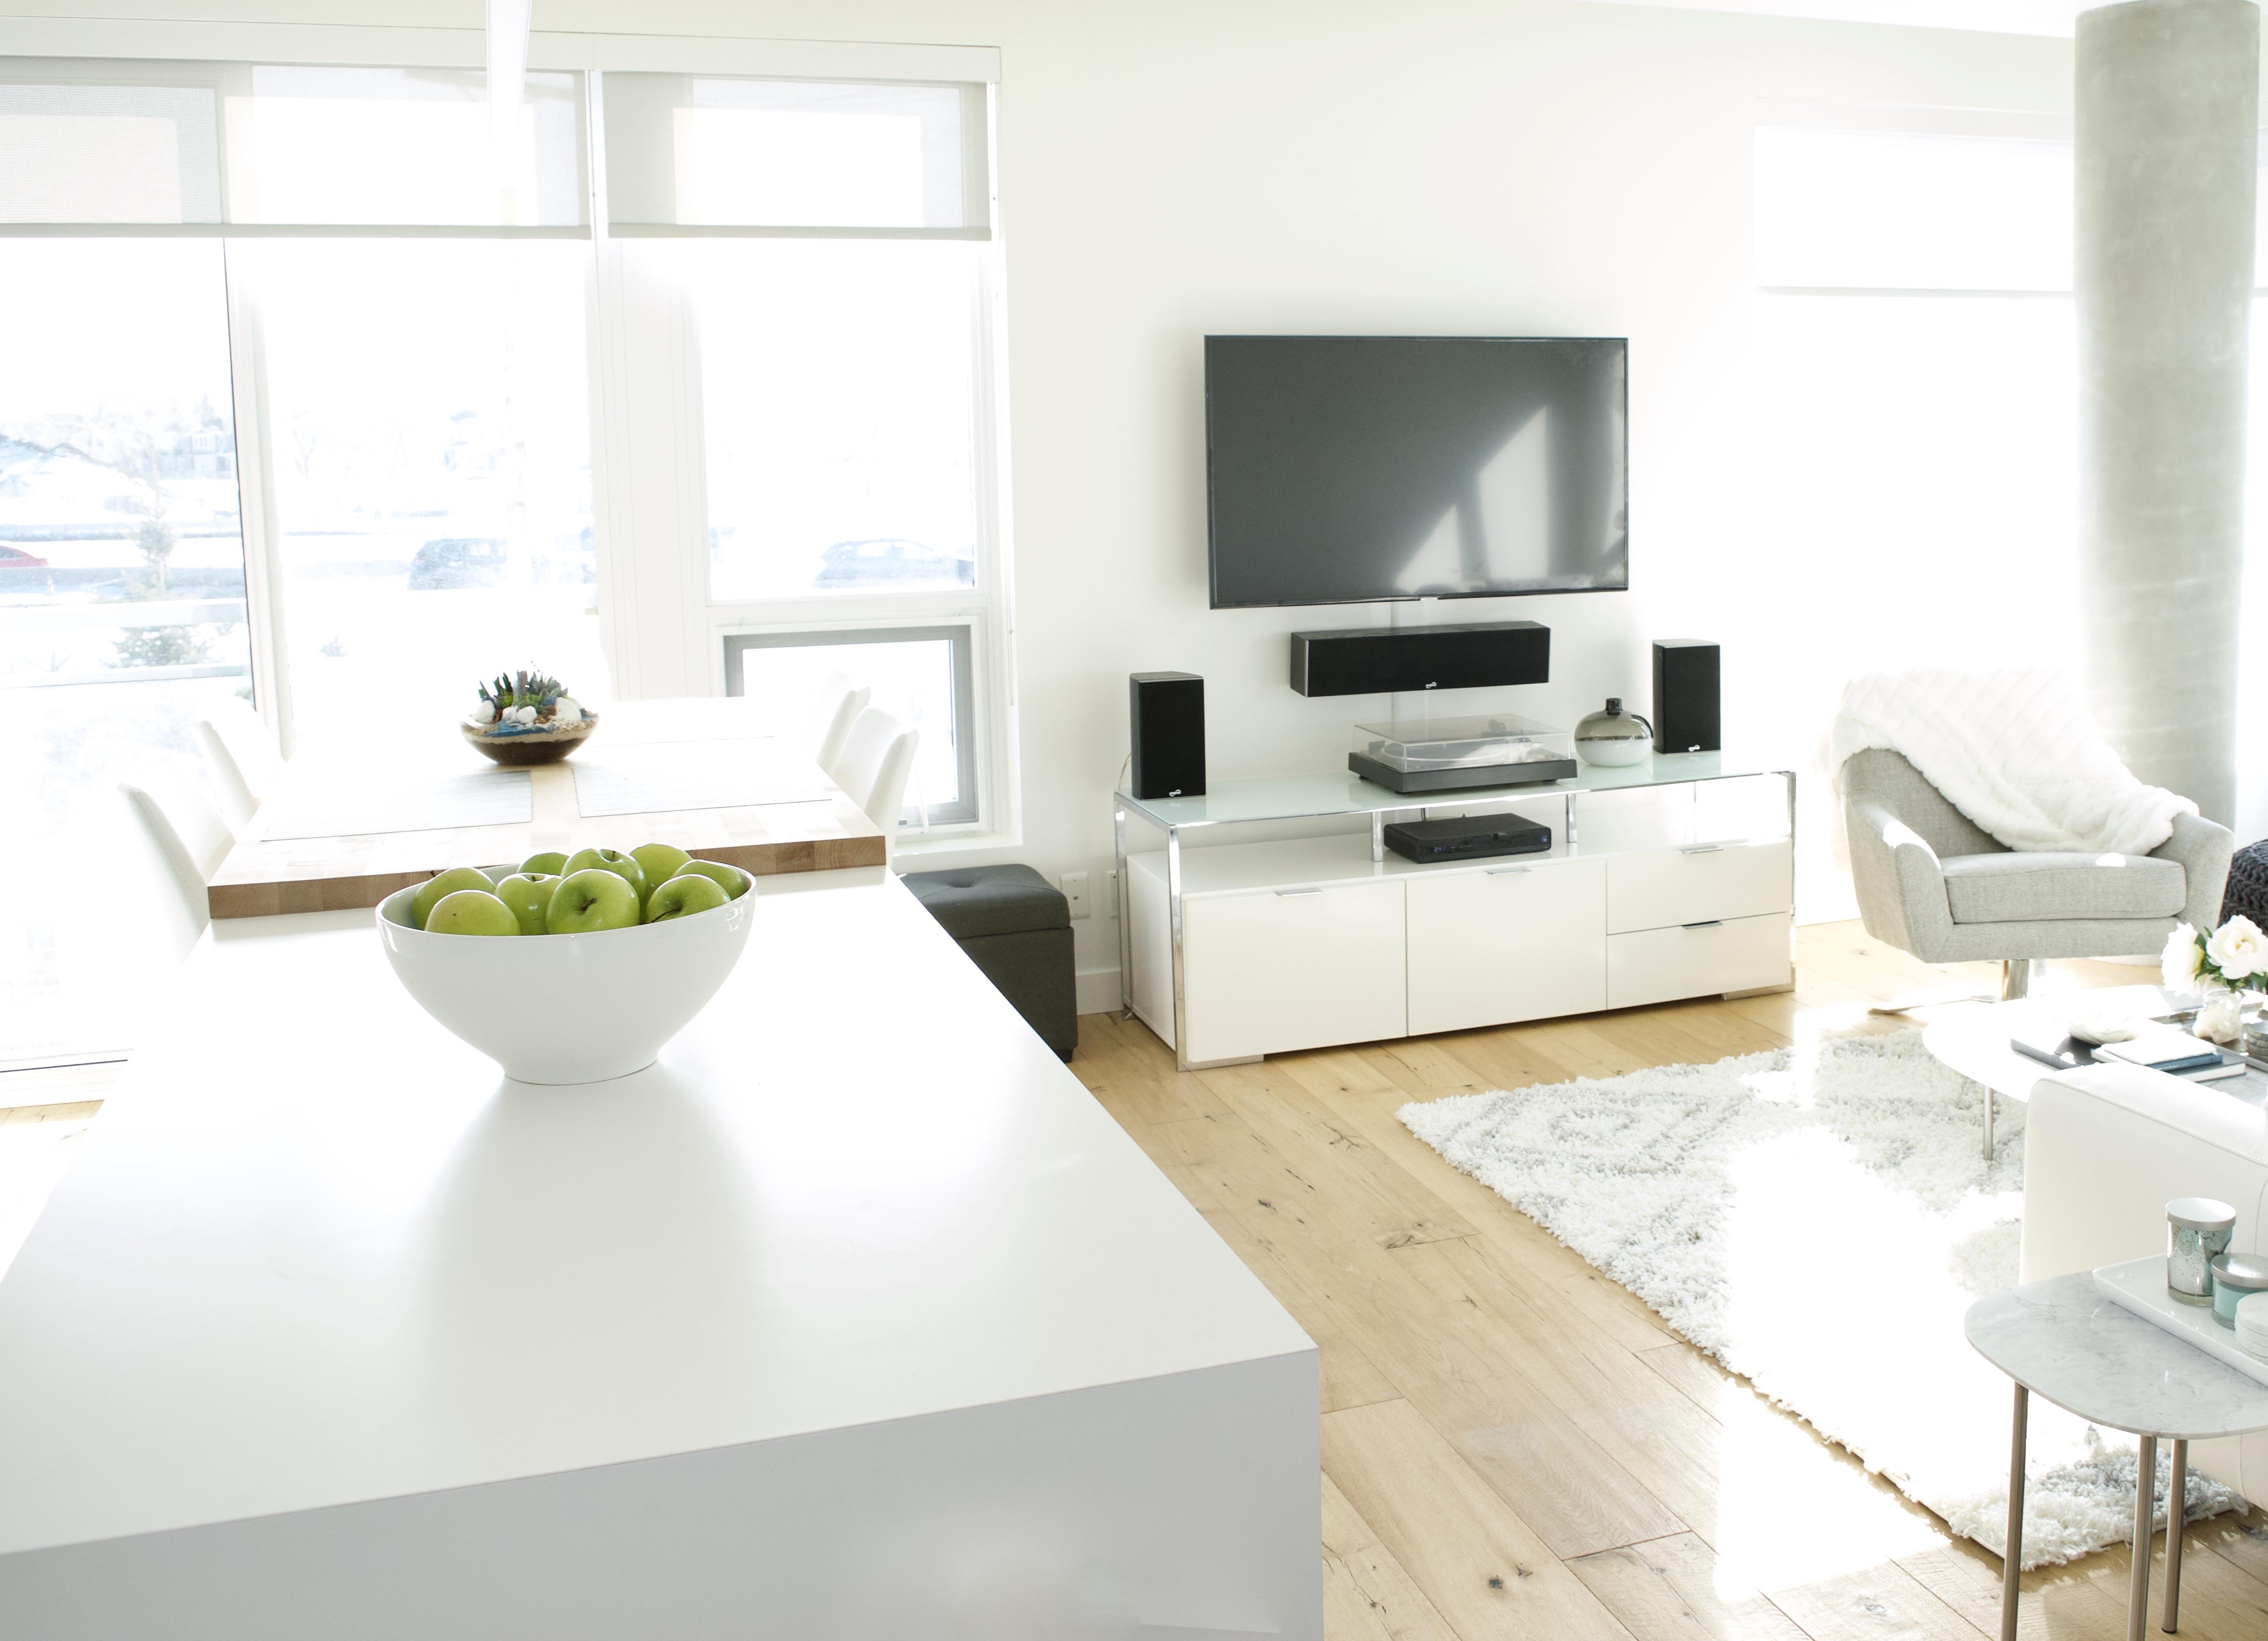 open concept living room kitchen modern apartment calgary inner city interior design tv oak floors white black grey windows high ceilings